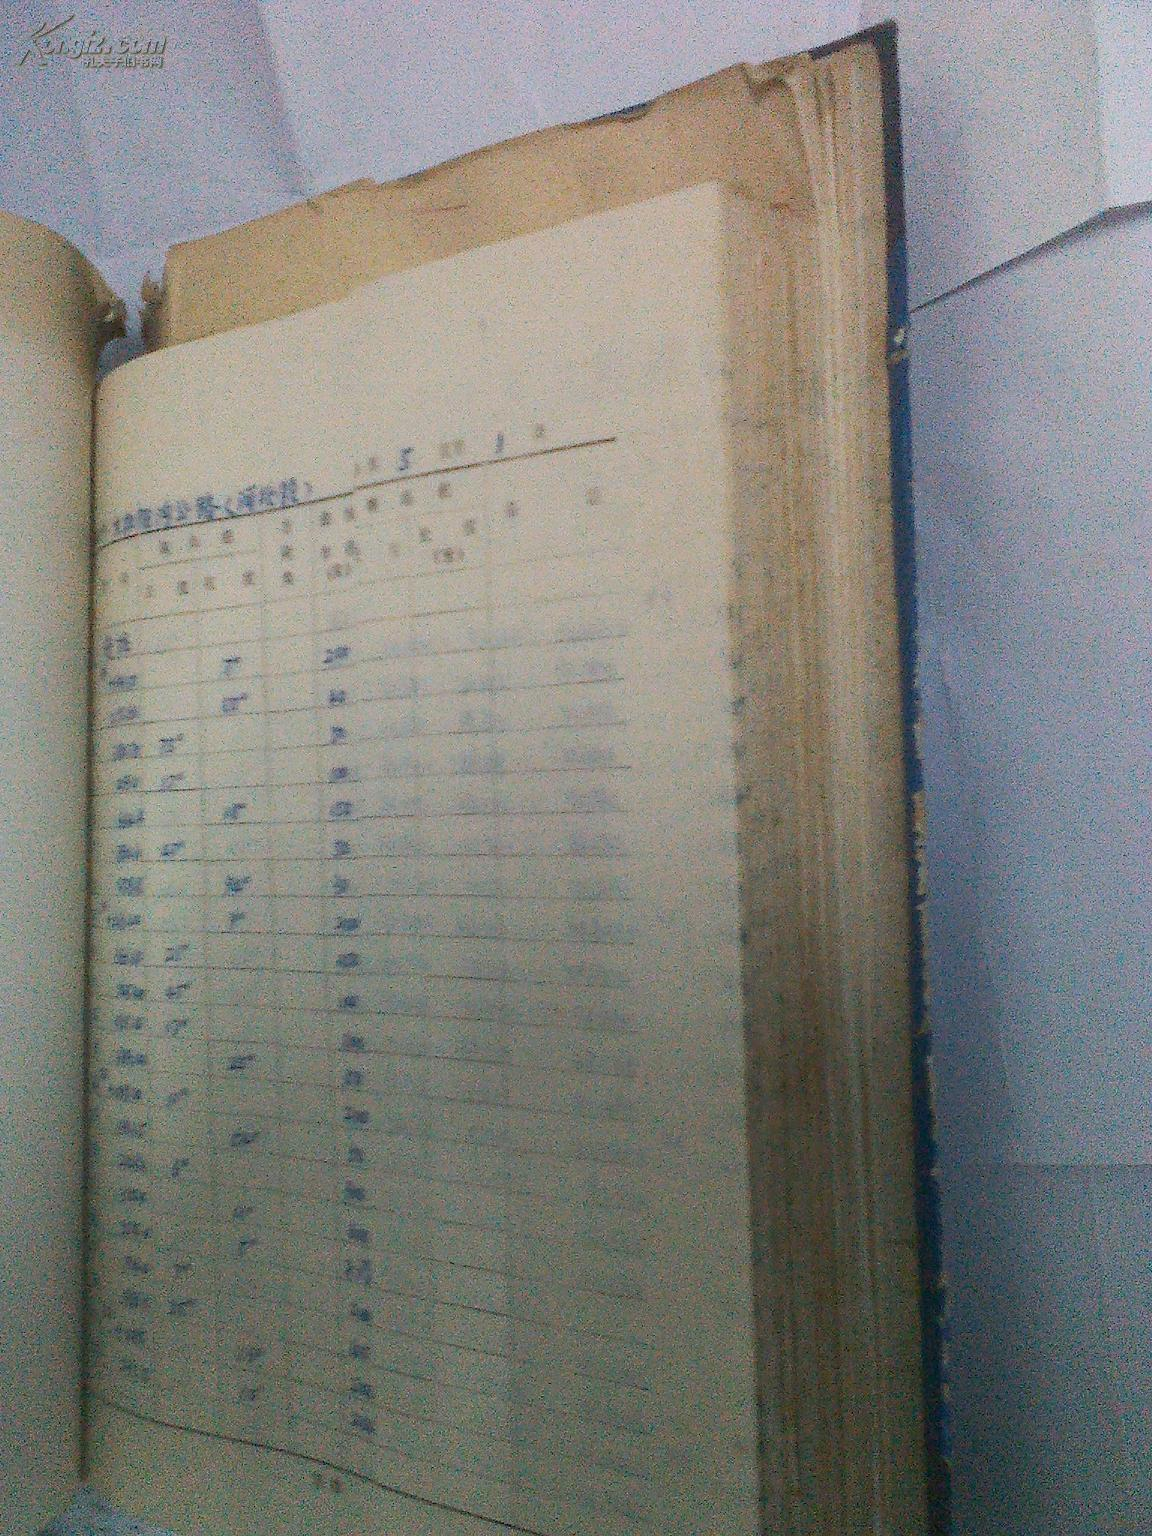 1992年旧档案-全手工填制-陇县大杜阳沟公路路基设计表册